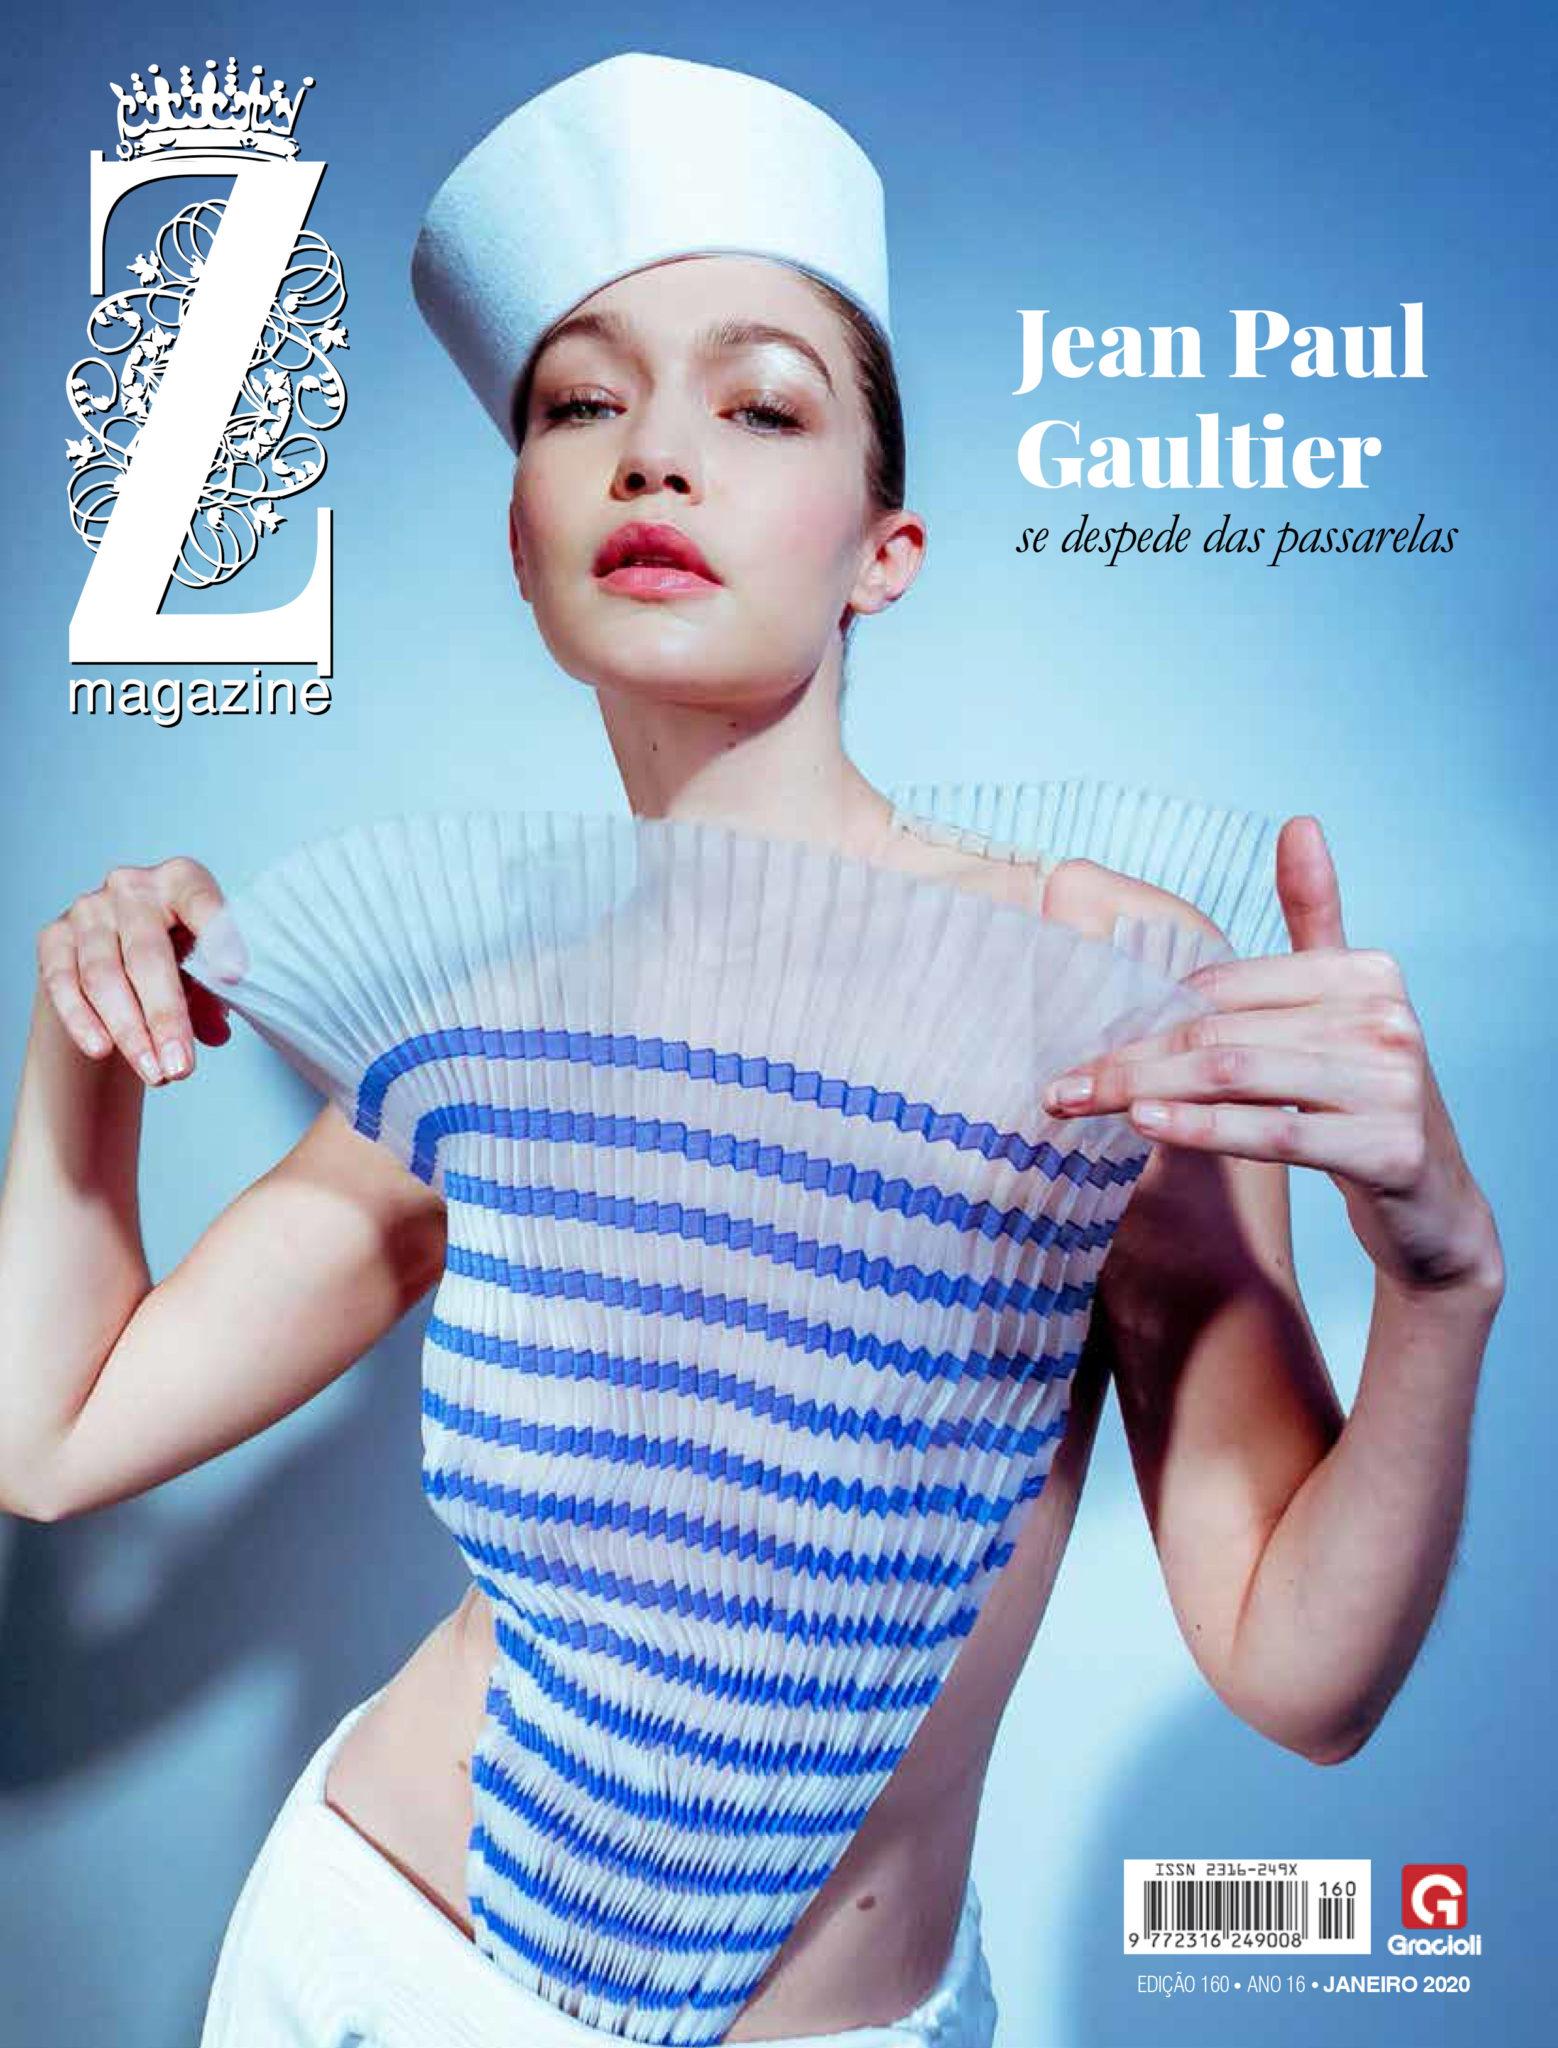 a despedida de Jean Paul Gaultier